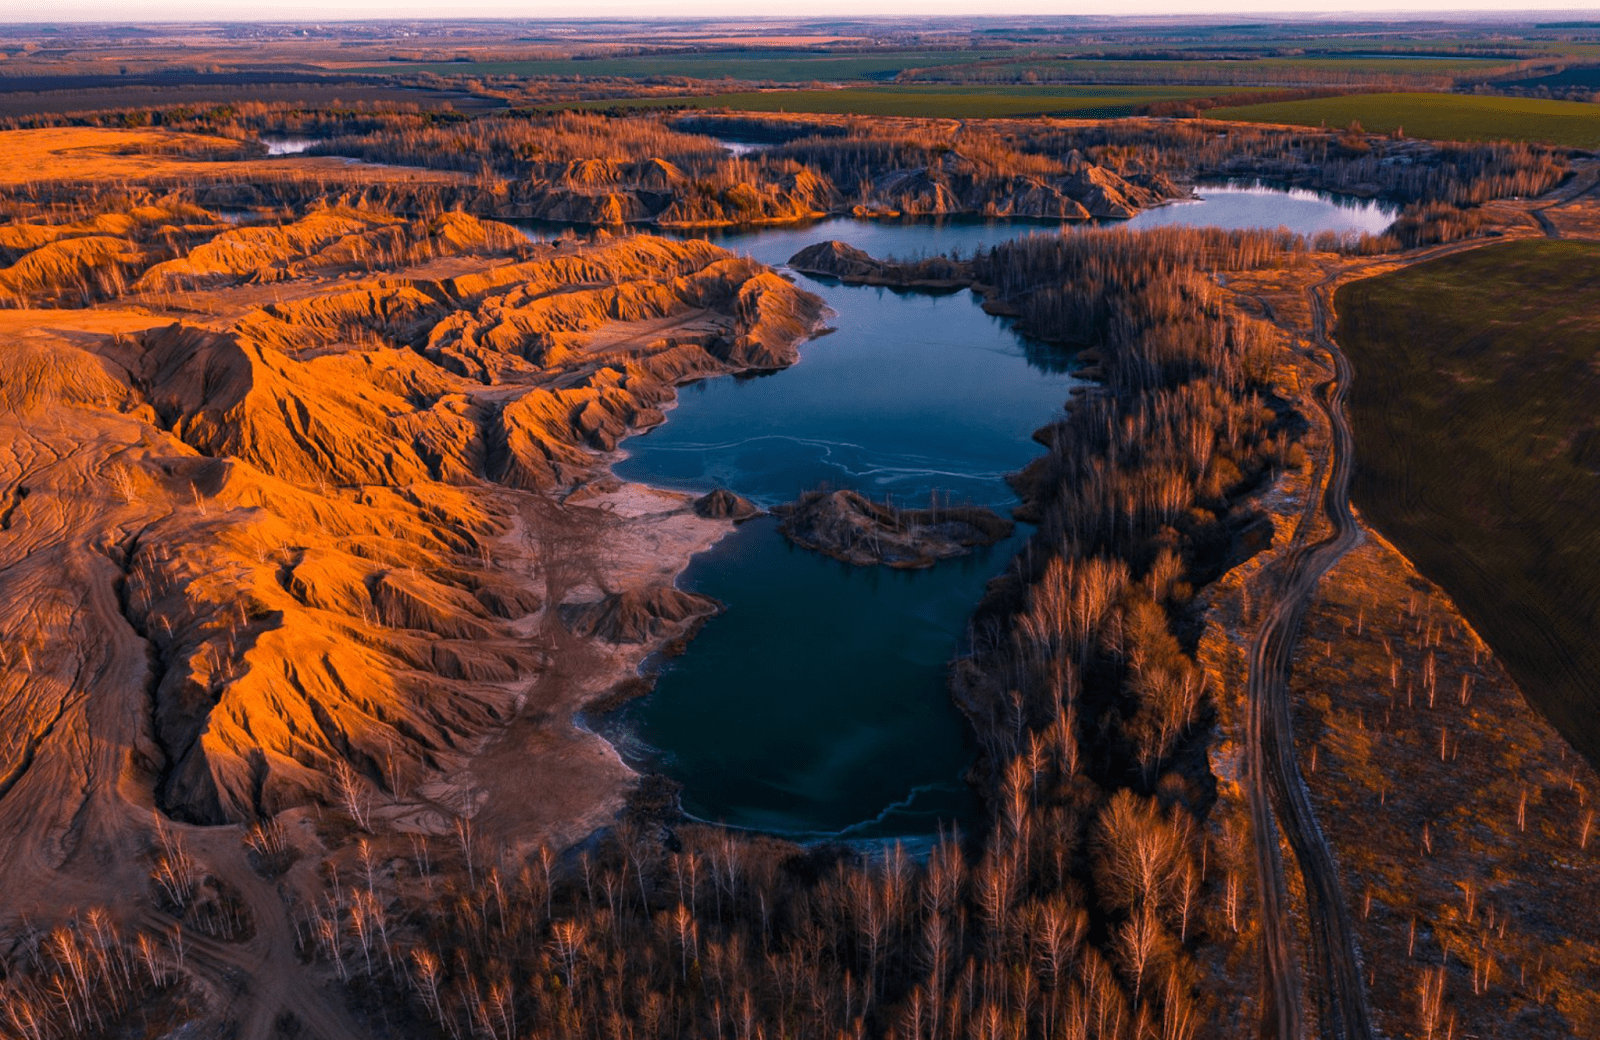 Кондуки, Тульская область – это марсианские пейзажи и лазурные озера!